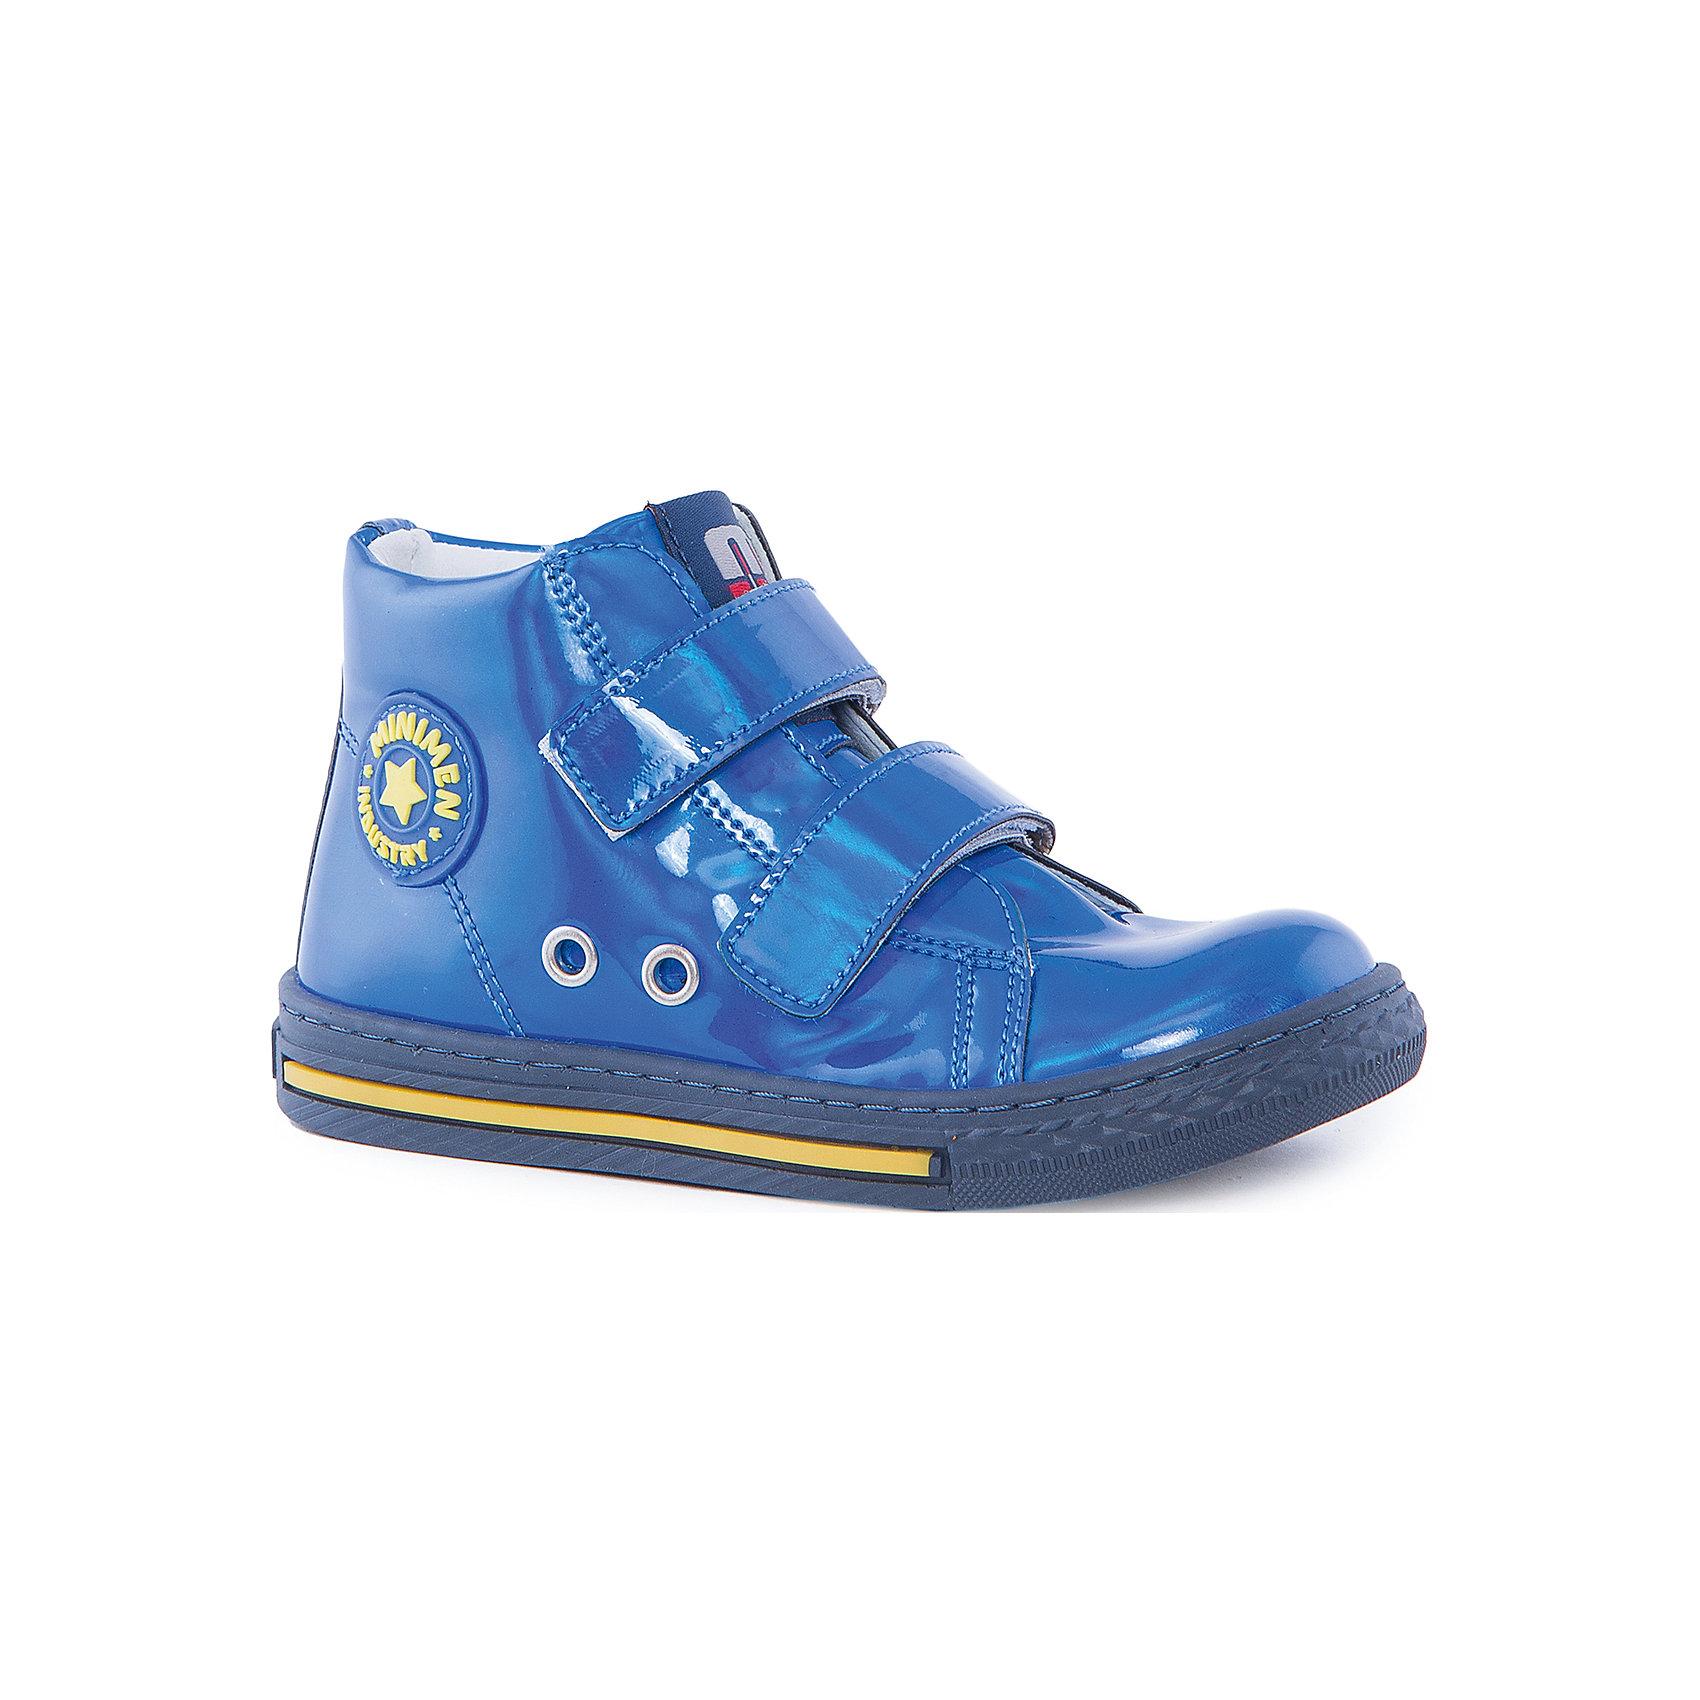 Ботинки для девочки MinimenБотинки<br>Стильные и практичные ботиночки от Minimen. Они имеют ортопедическую стельку и толстую подошву. Ботинки легко надевать и застегивать при помощи липучек. Кроме того, вы можете не переживать о промокших ногах, если ребенок пройдет по луже. Отлично подойдут для осени.<br><br>Дополнительная информация:<br>Стелька: супинатор<br>Цвет: синий<br>Сезон: осень<br>Материал: кожа<br><br>Ботинки Minimen можно купить в нашем интернет-магазине.<br><br>Ширина мм: 262<br>Глубина мм: 176<br>Высота мм: 97<br>Вес г: 427<br>Цвет: голубой<br>Возраст от месяцев: 24<br>Возраст до месяцев: 24<br>Пол: Женский<br>Возраст: Детский<br>Размер: 25,30,29,27,28,26<br>SKU: 4969997